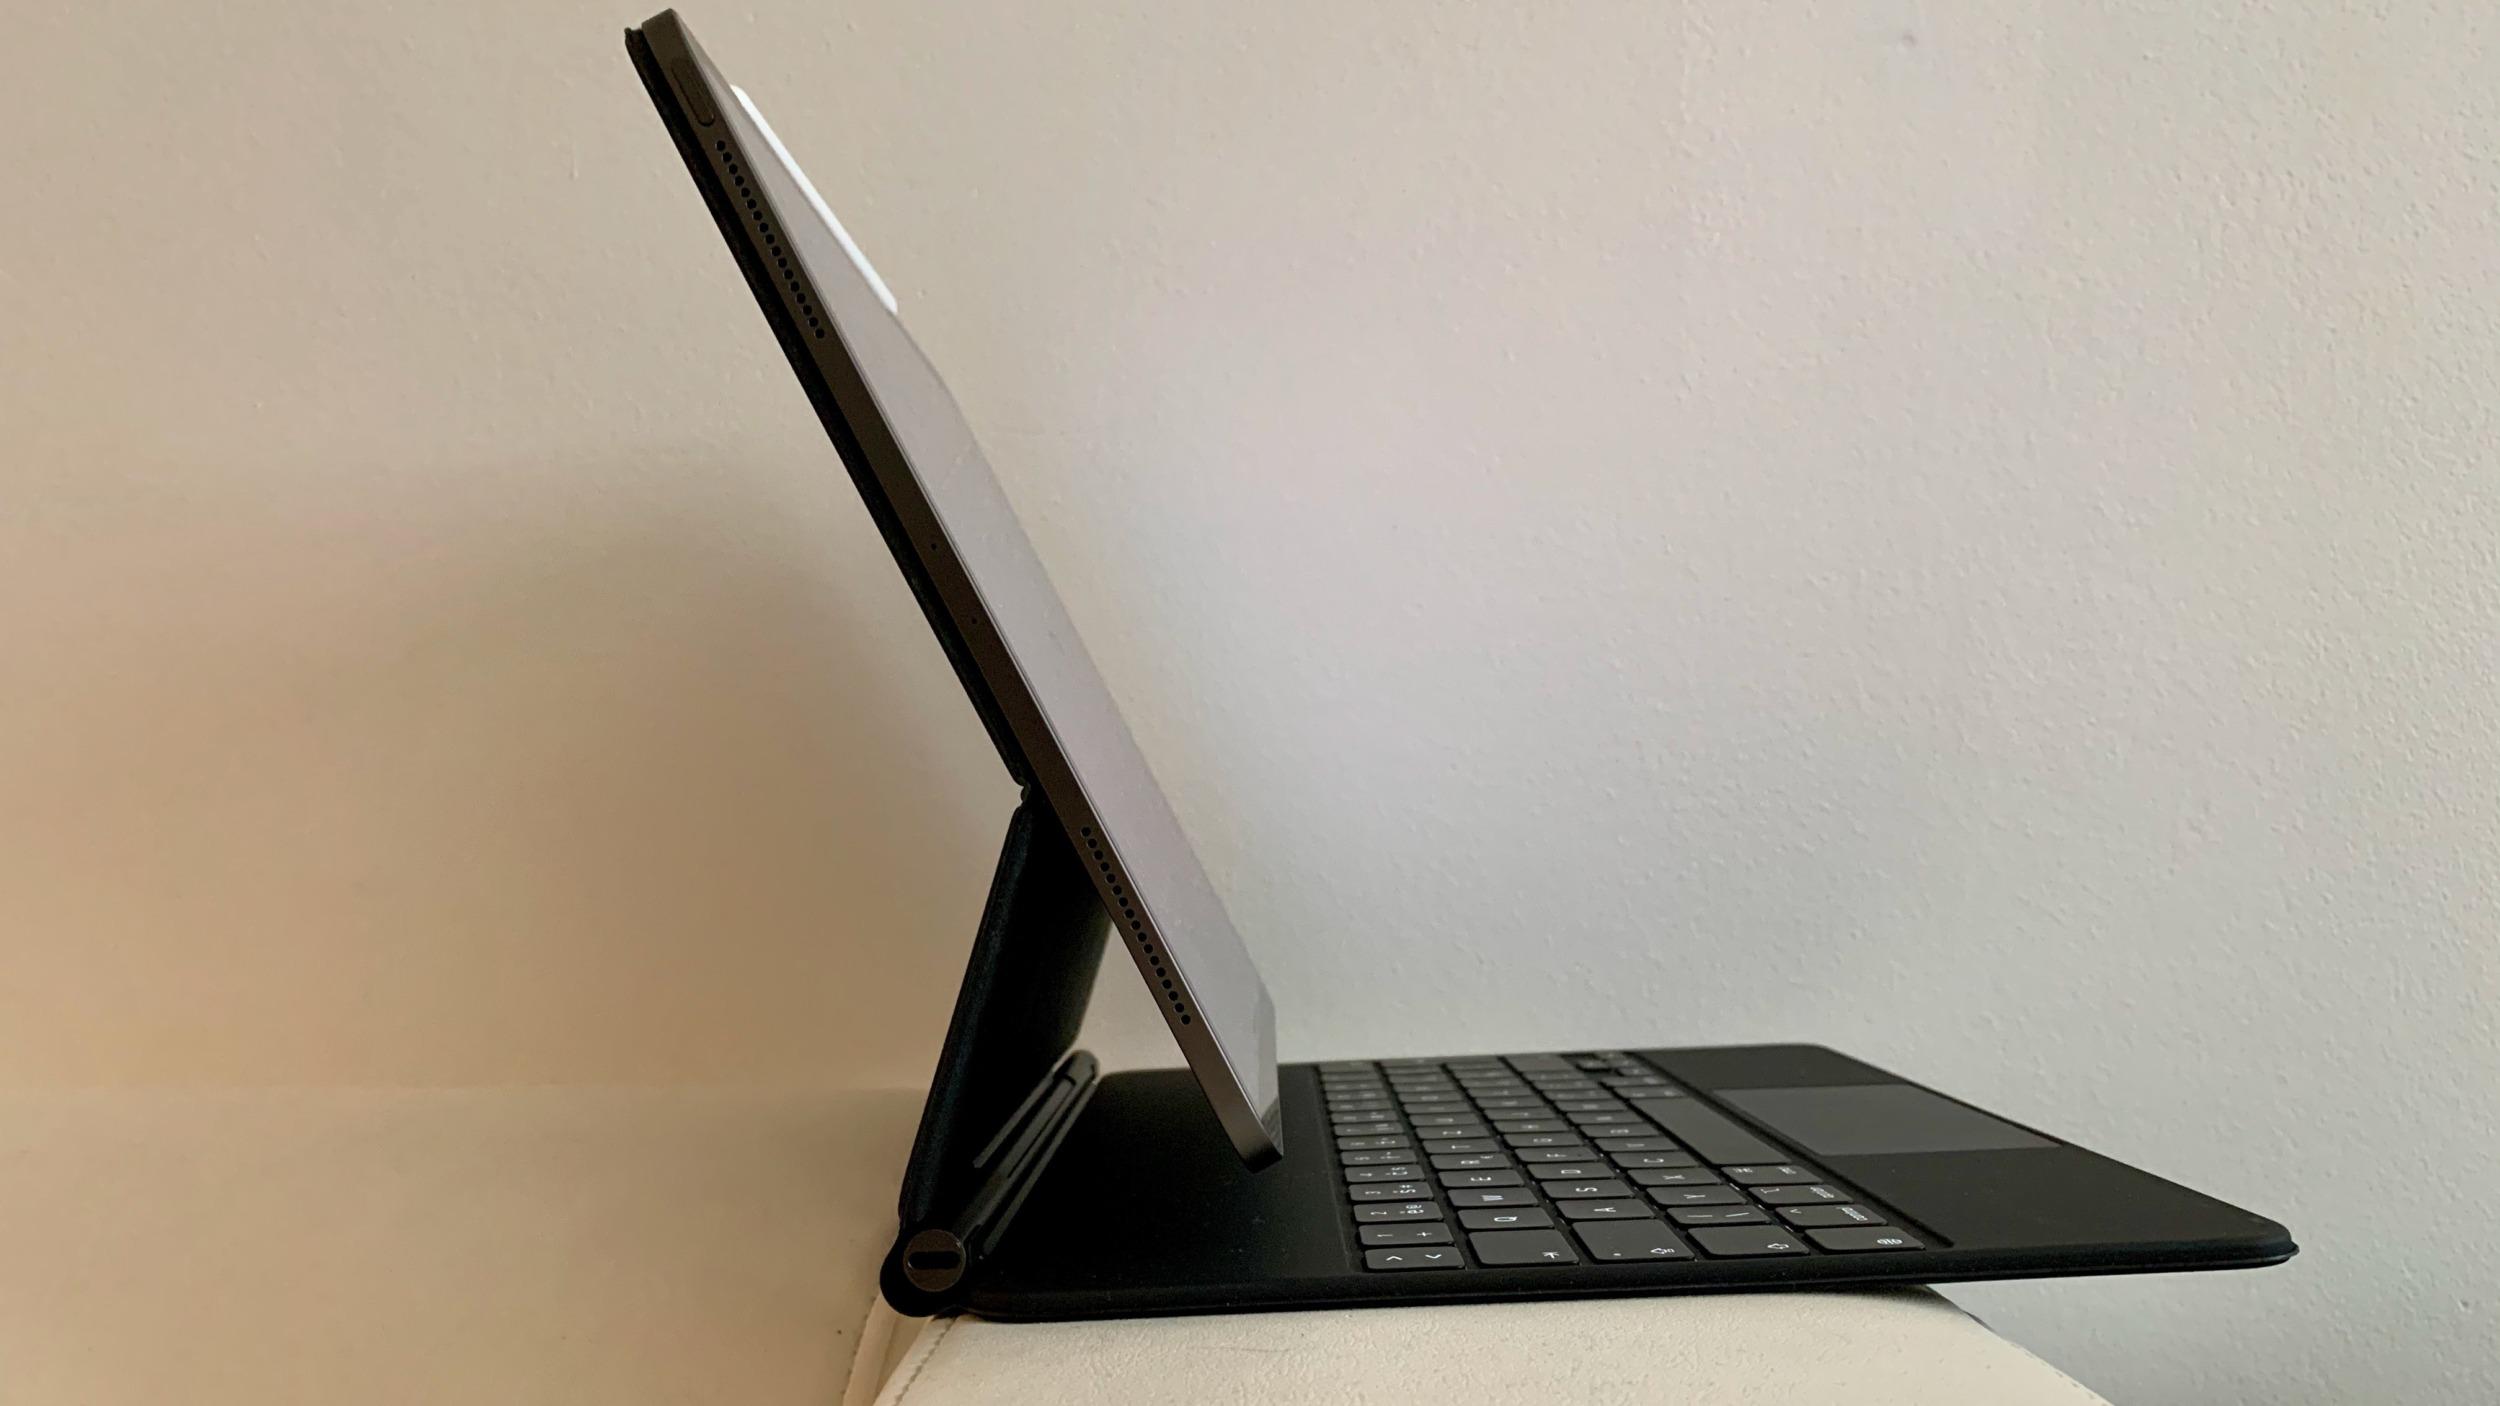 Apple Magic Keyboard a iPad Pro: konečně jako na notebooku [recenze]